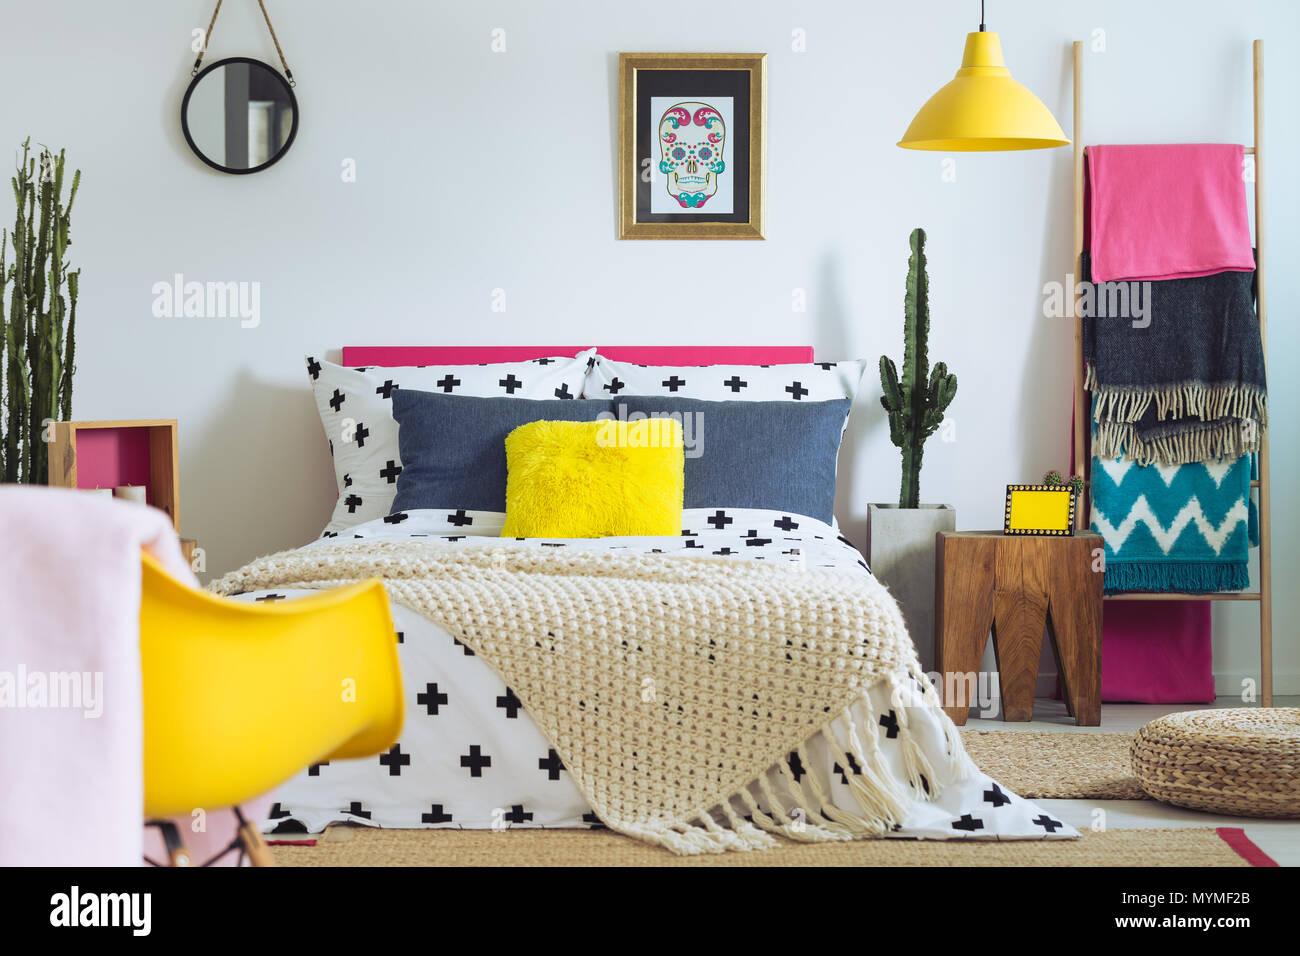 Modern Folk Schlafzimmer Mit Mischung Aus Lebhaften Farben Und Muster Stockfotografie Alamy